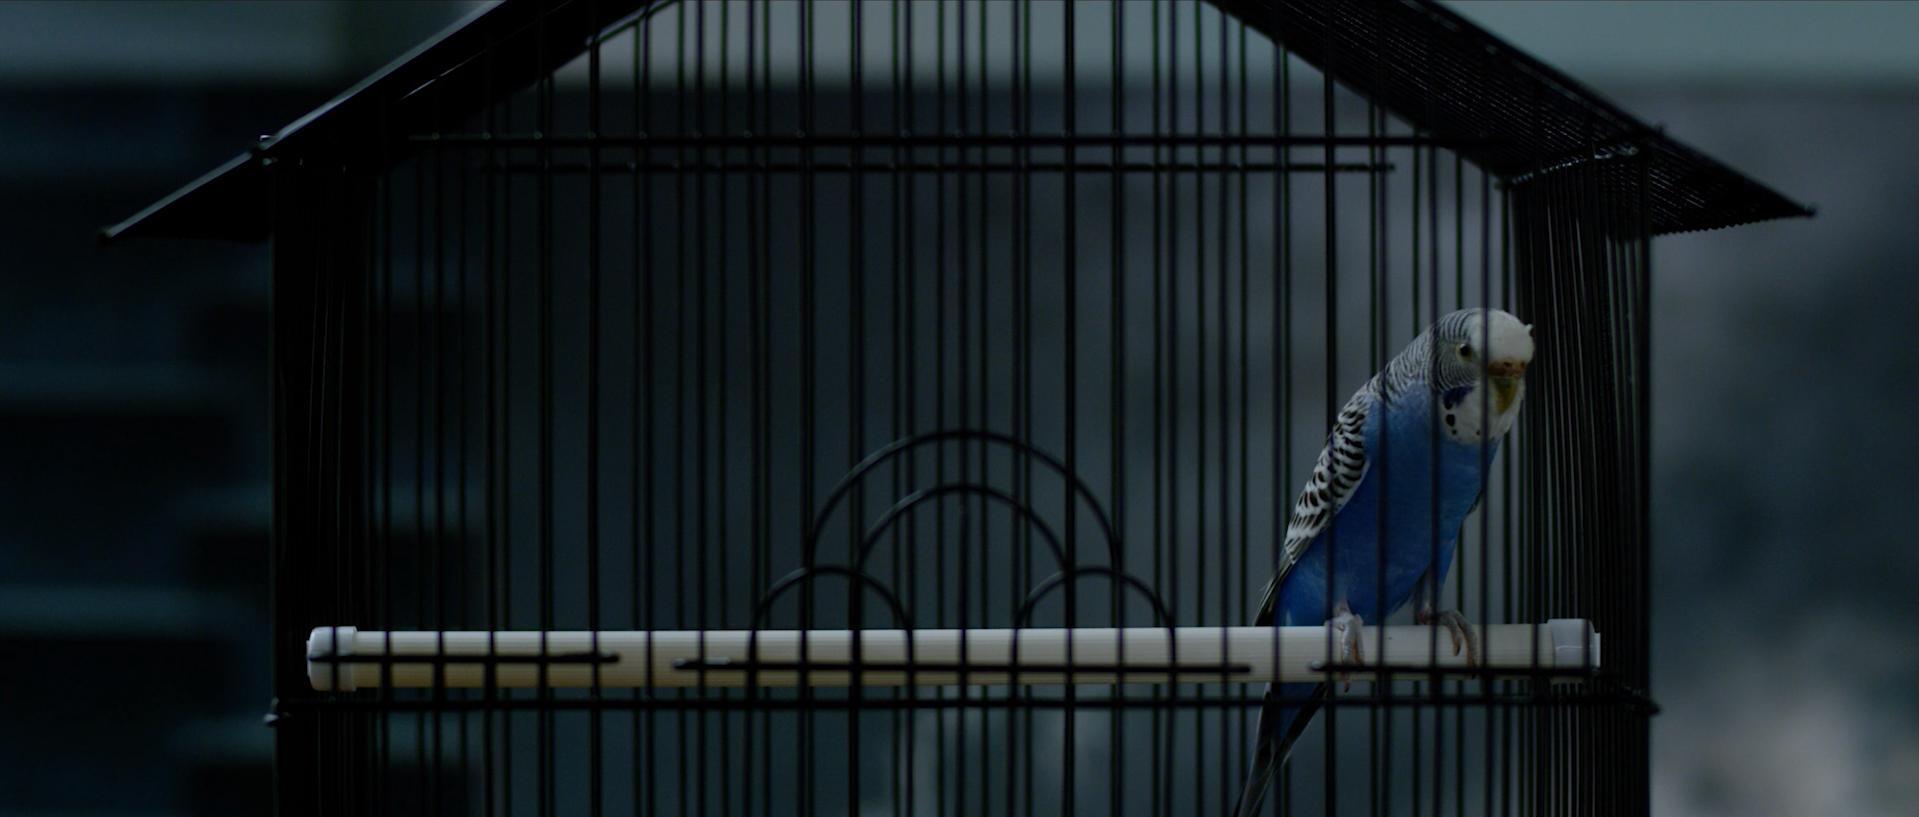 A caged blue bird